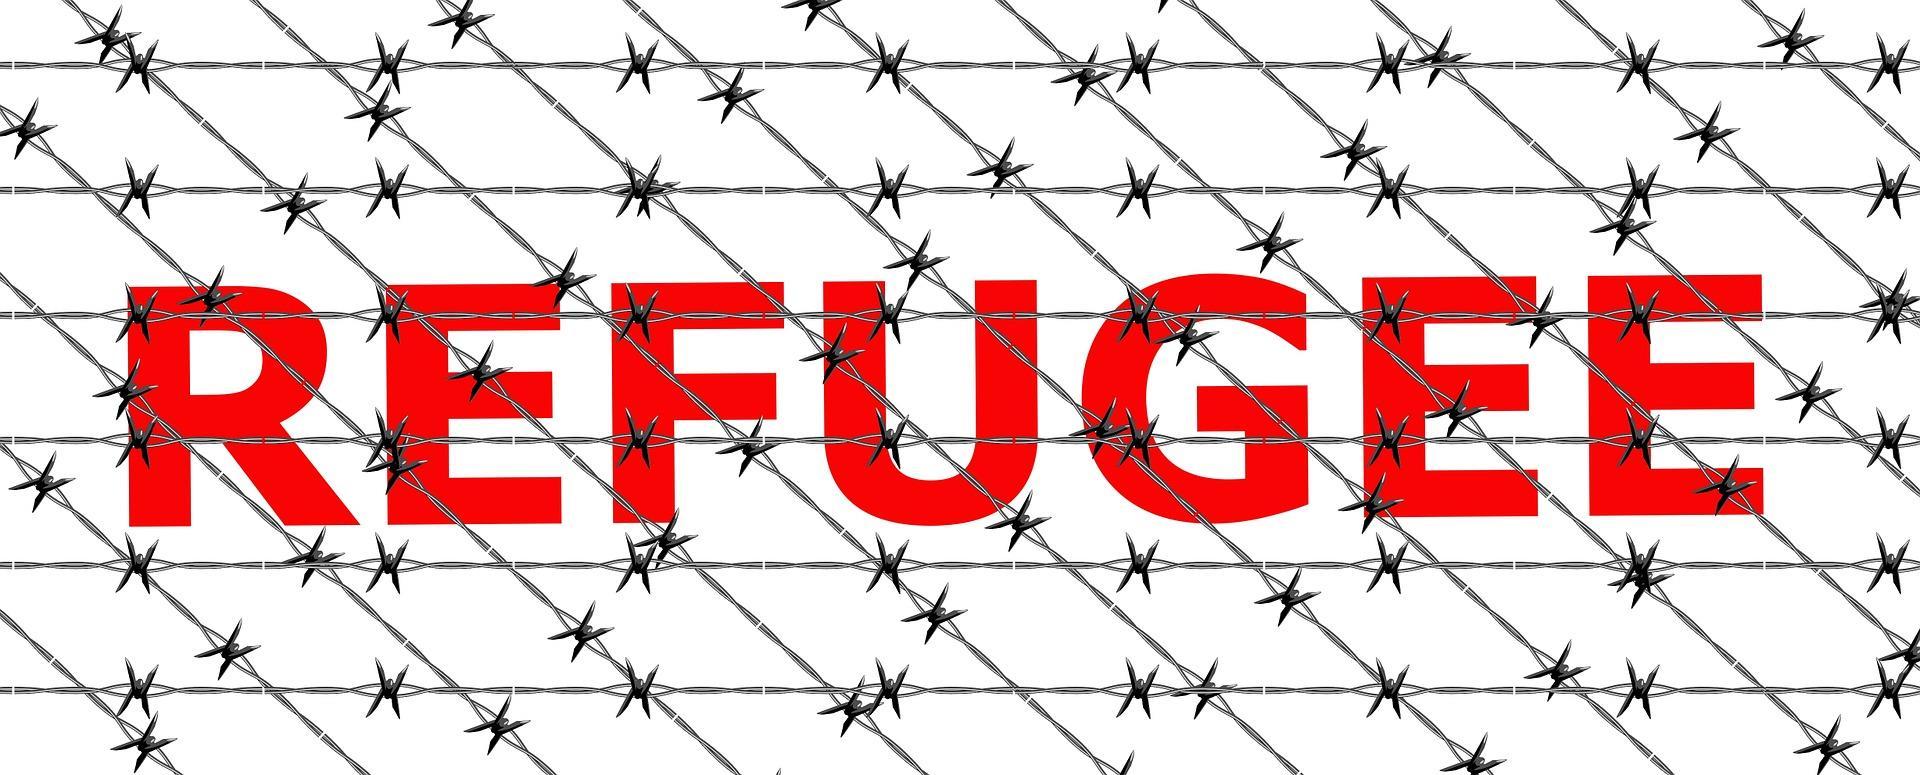 Immagine con frasi sui rifugiati